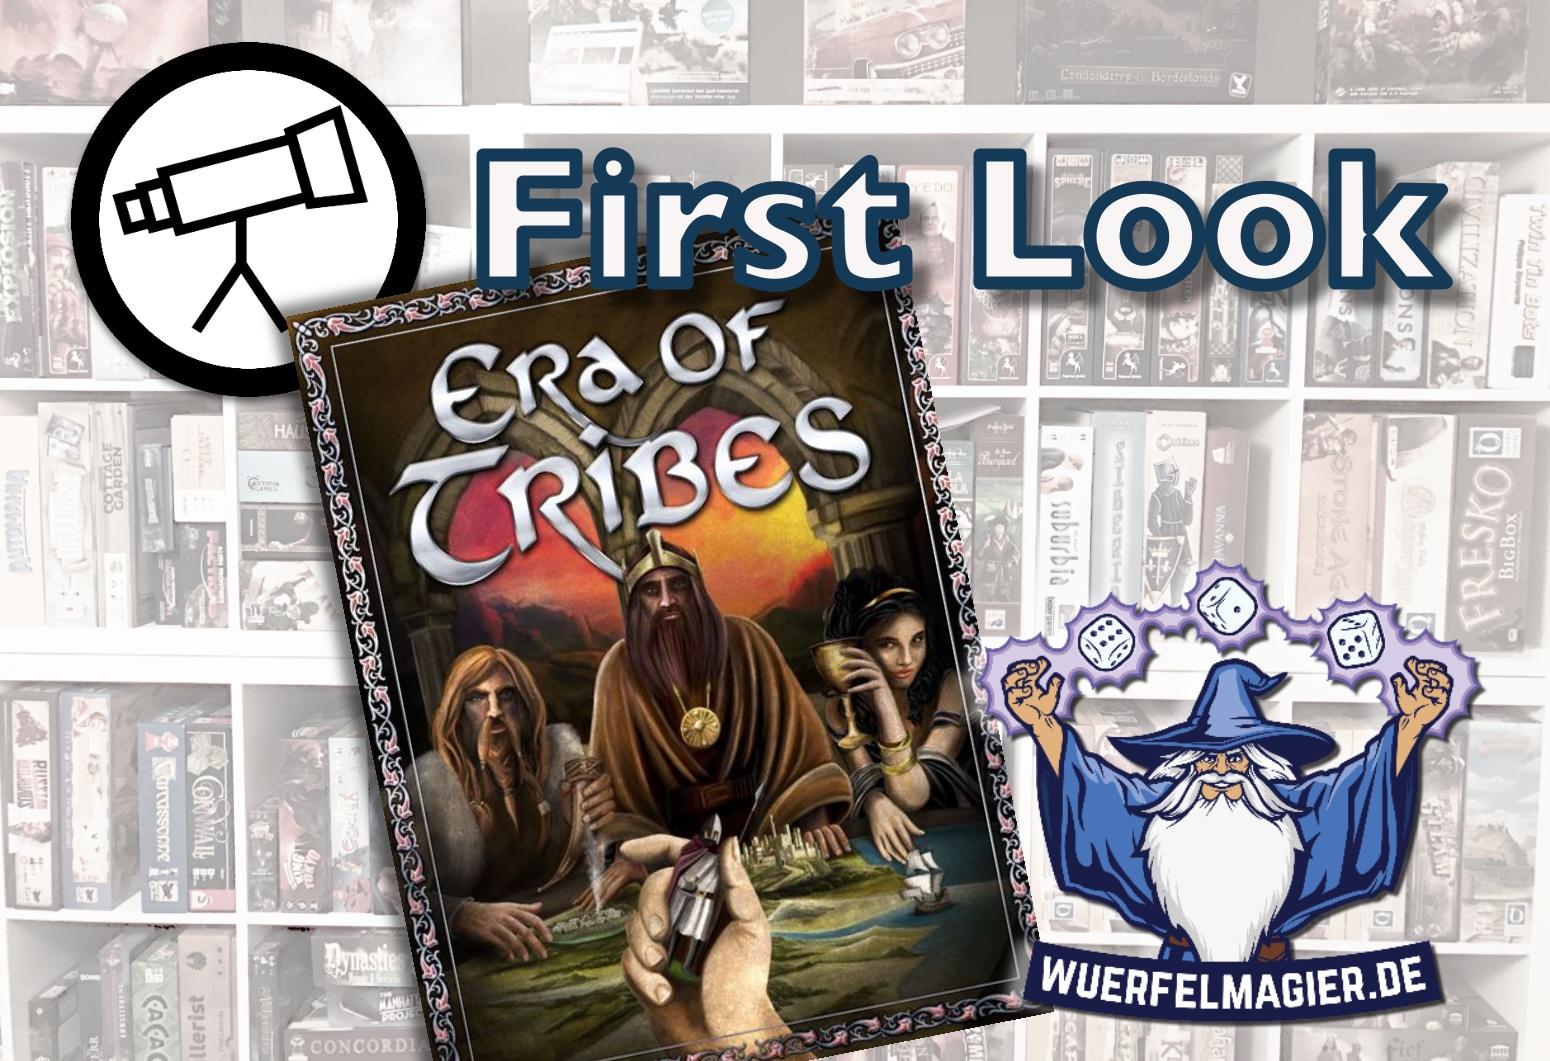 First Look Era of Tribes Kickstarter Crowdfunding Wuerfelmagier Würfelmagier